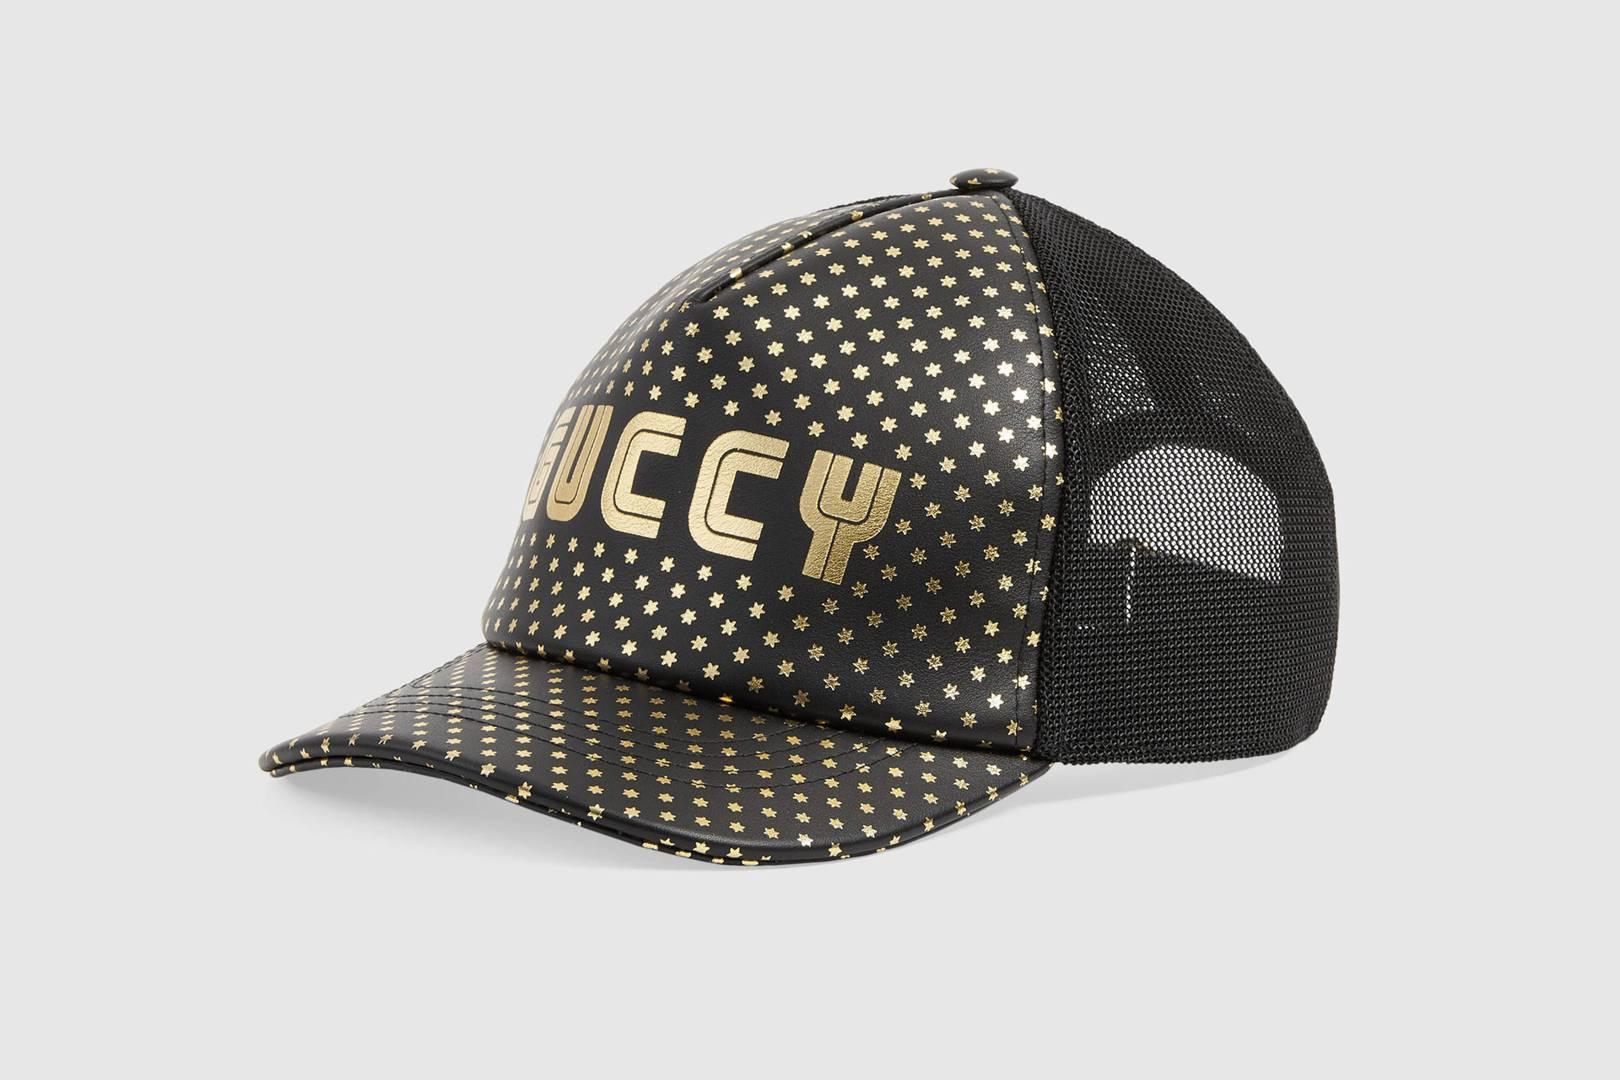 47715b17eb800 Make baseball caps great again